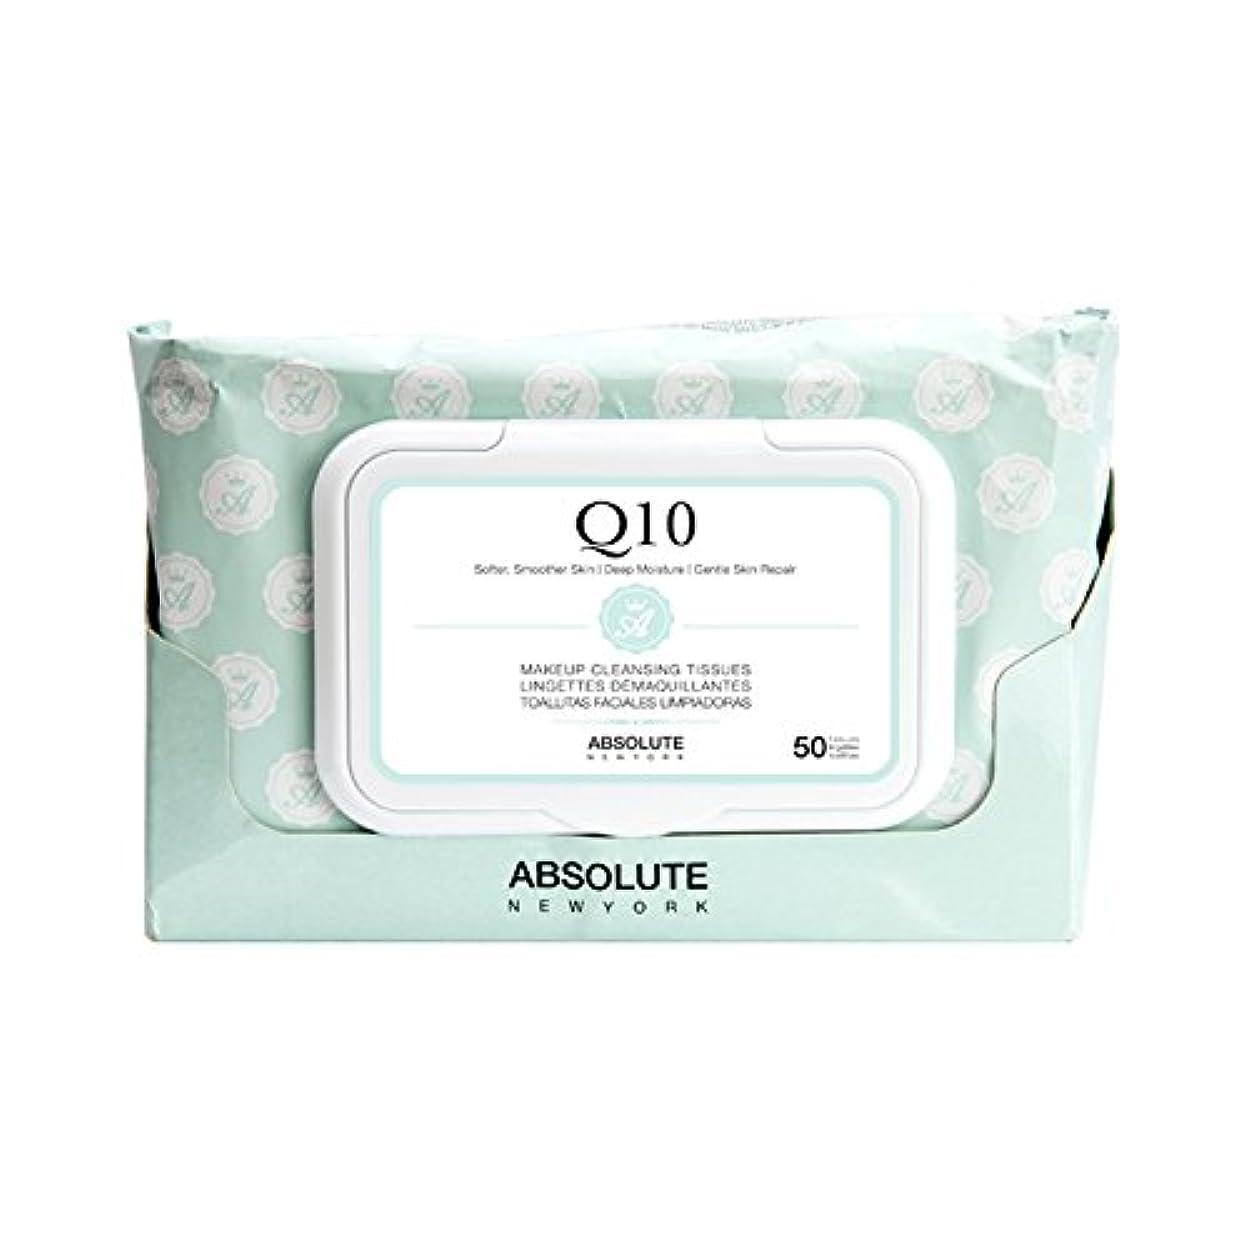 反応する治す金銭的(6 Pack) ABSOLUTE Makeup Cleansing Tissue 50CT - Q10 (並行輸入品)